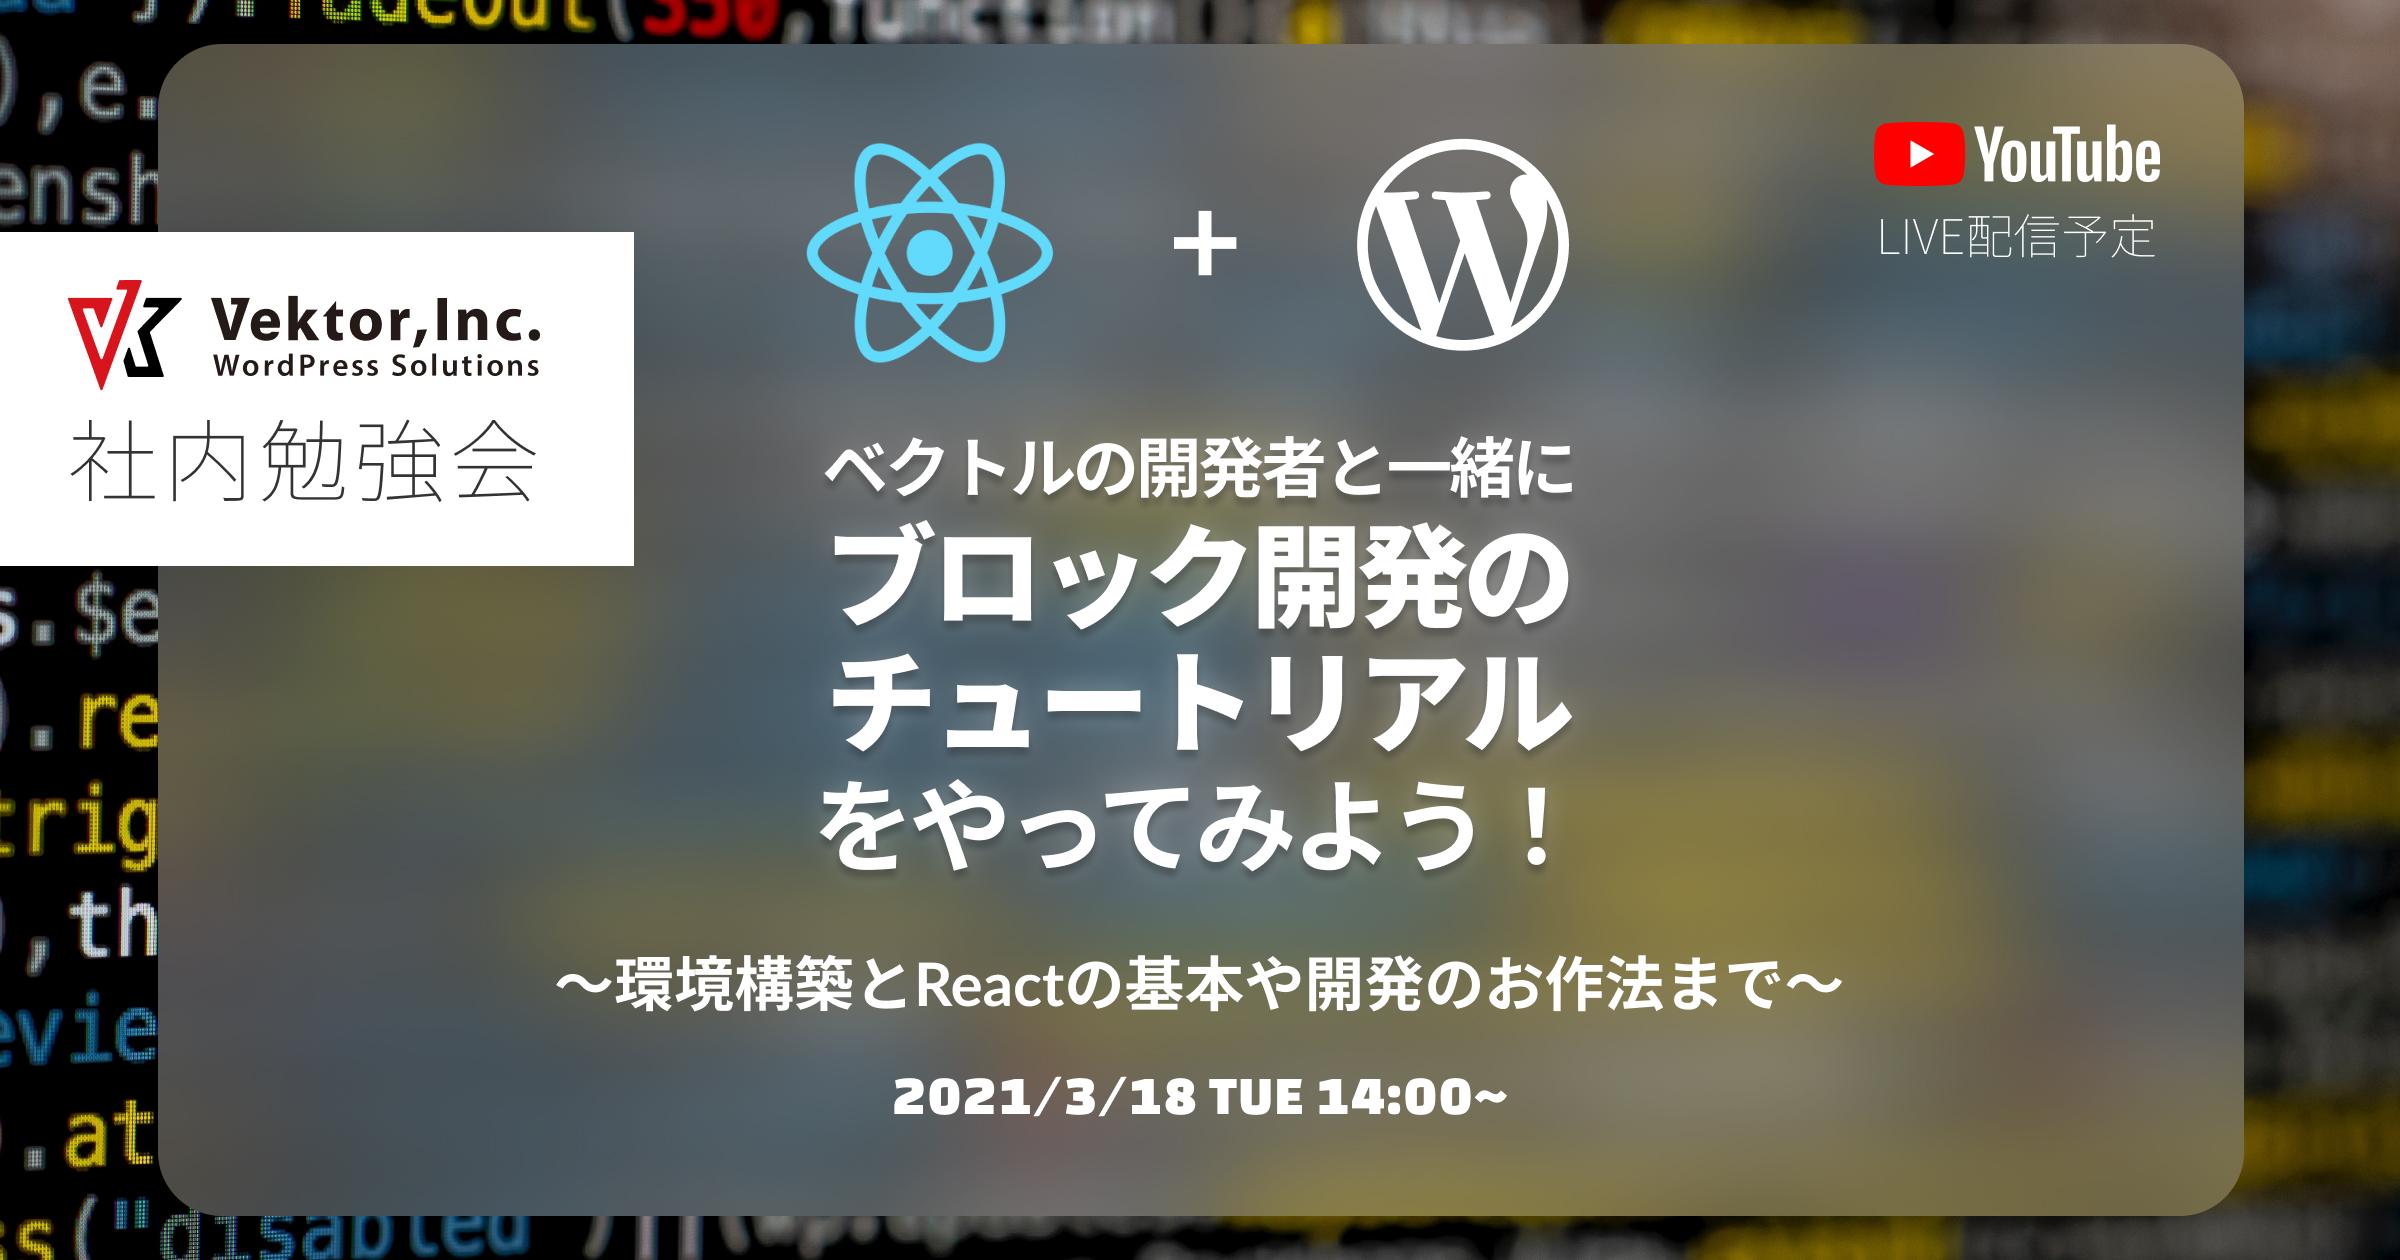 Vektorの開発者と一緒にブロック開発のチュートリアルをやってみよう! 〜環境構築とReactの基本や開発のお作法まで〜